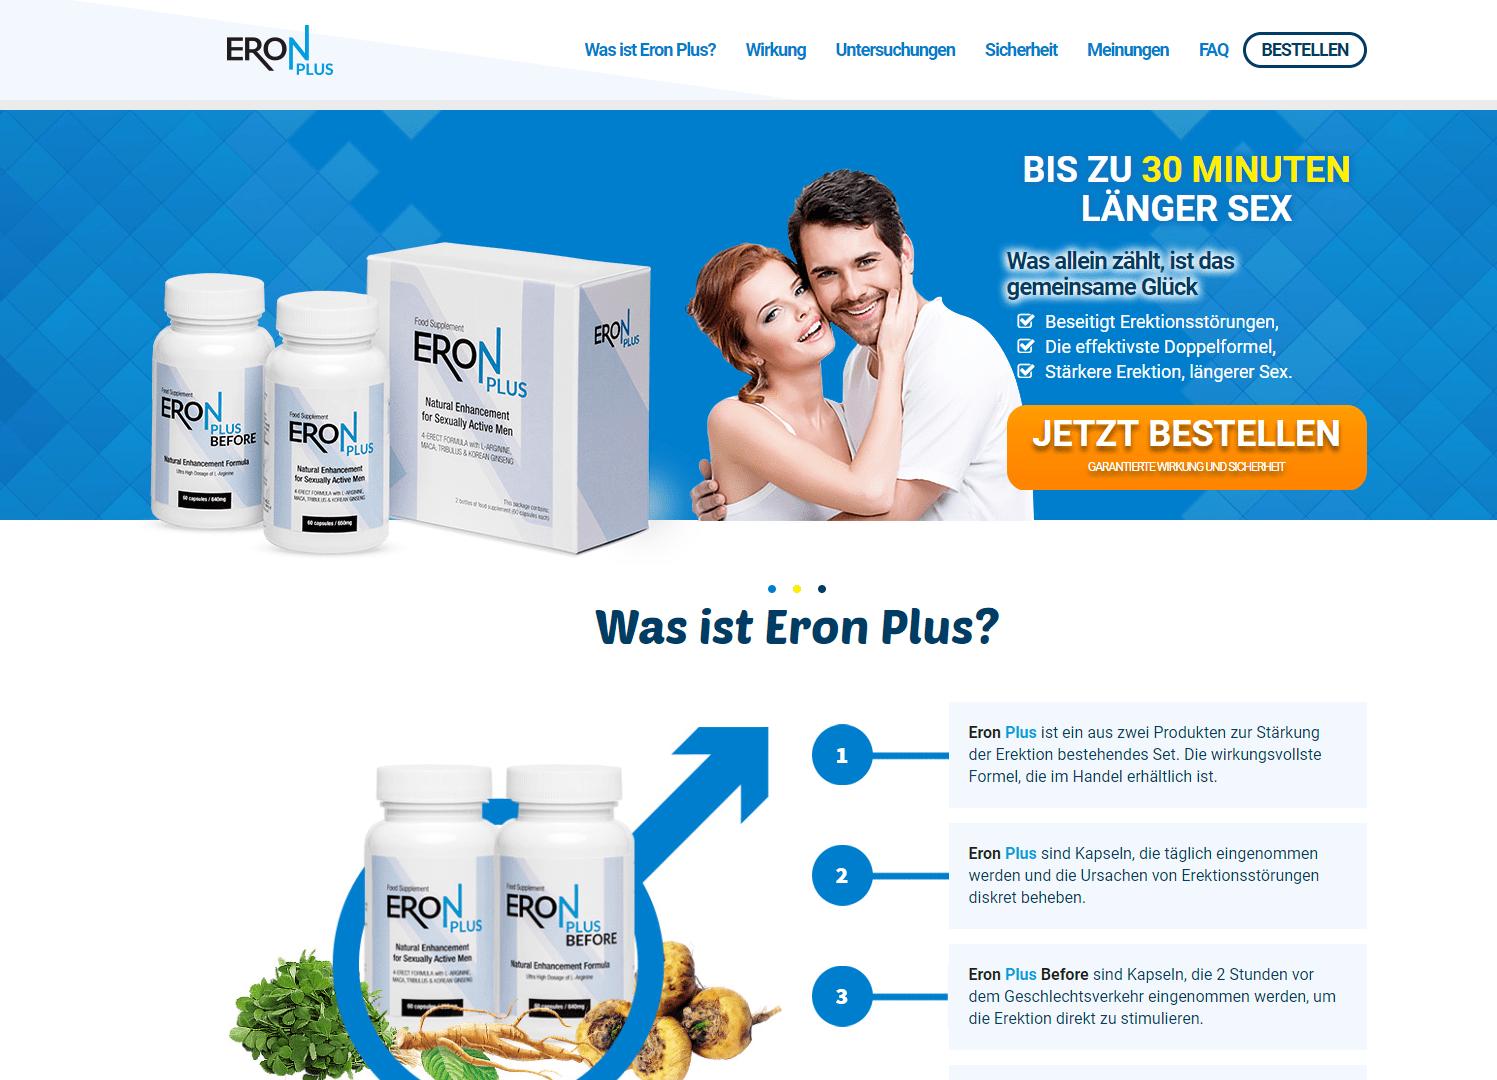 ERON PLUS Website